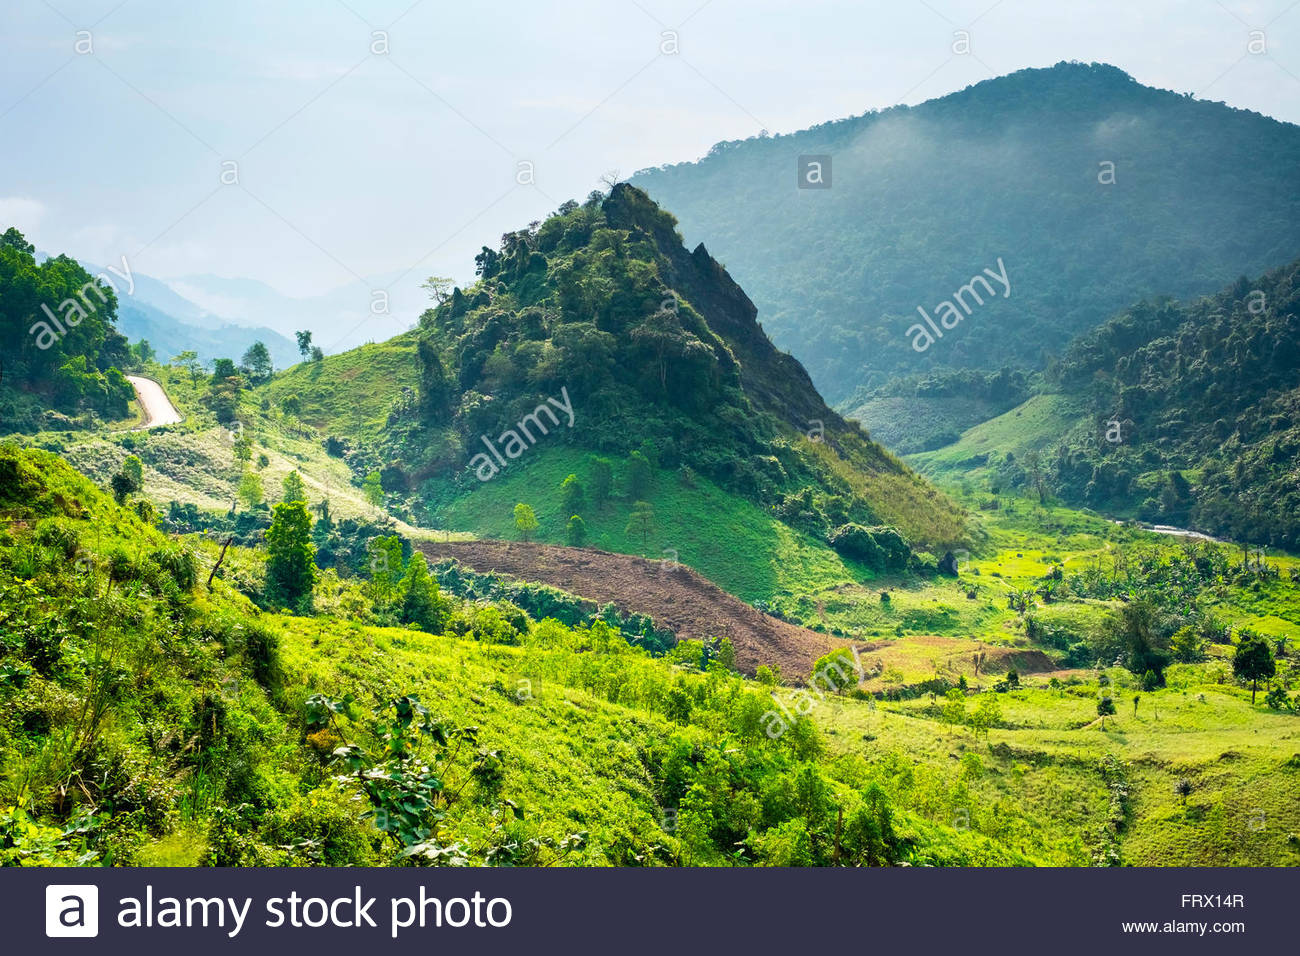 Bergige Landschaft entlang Ho Chi Minh Highway West in der Nähe von Khe Sanh, Da Krong District, Provinz Quang Stockbild